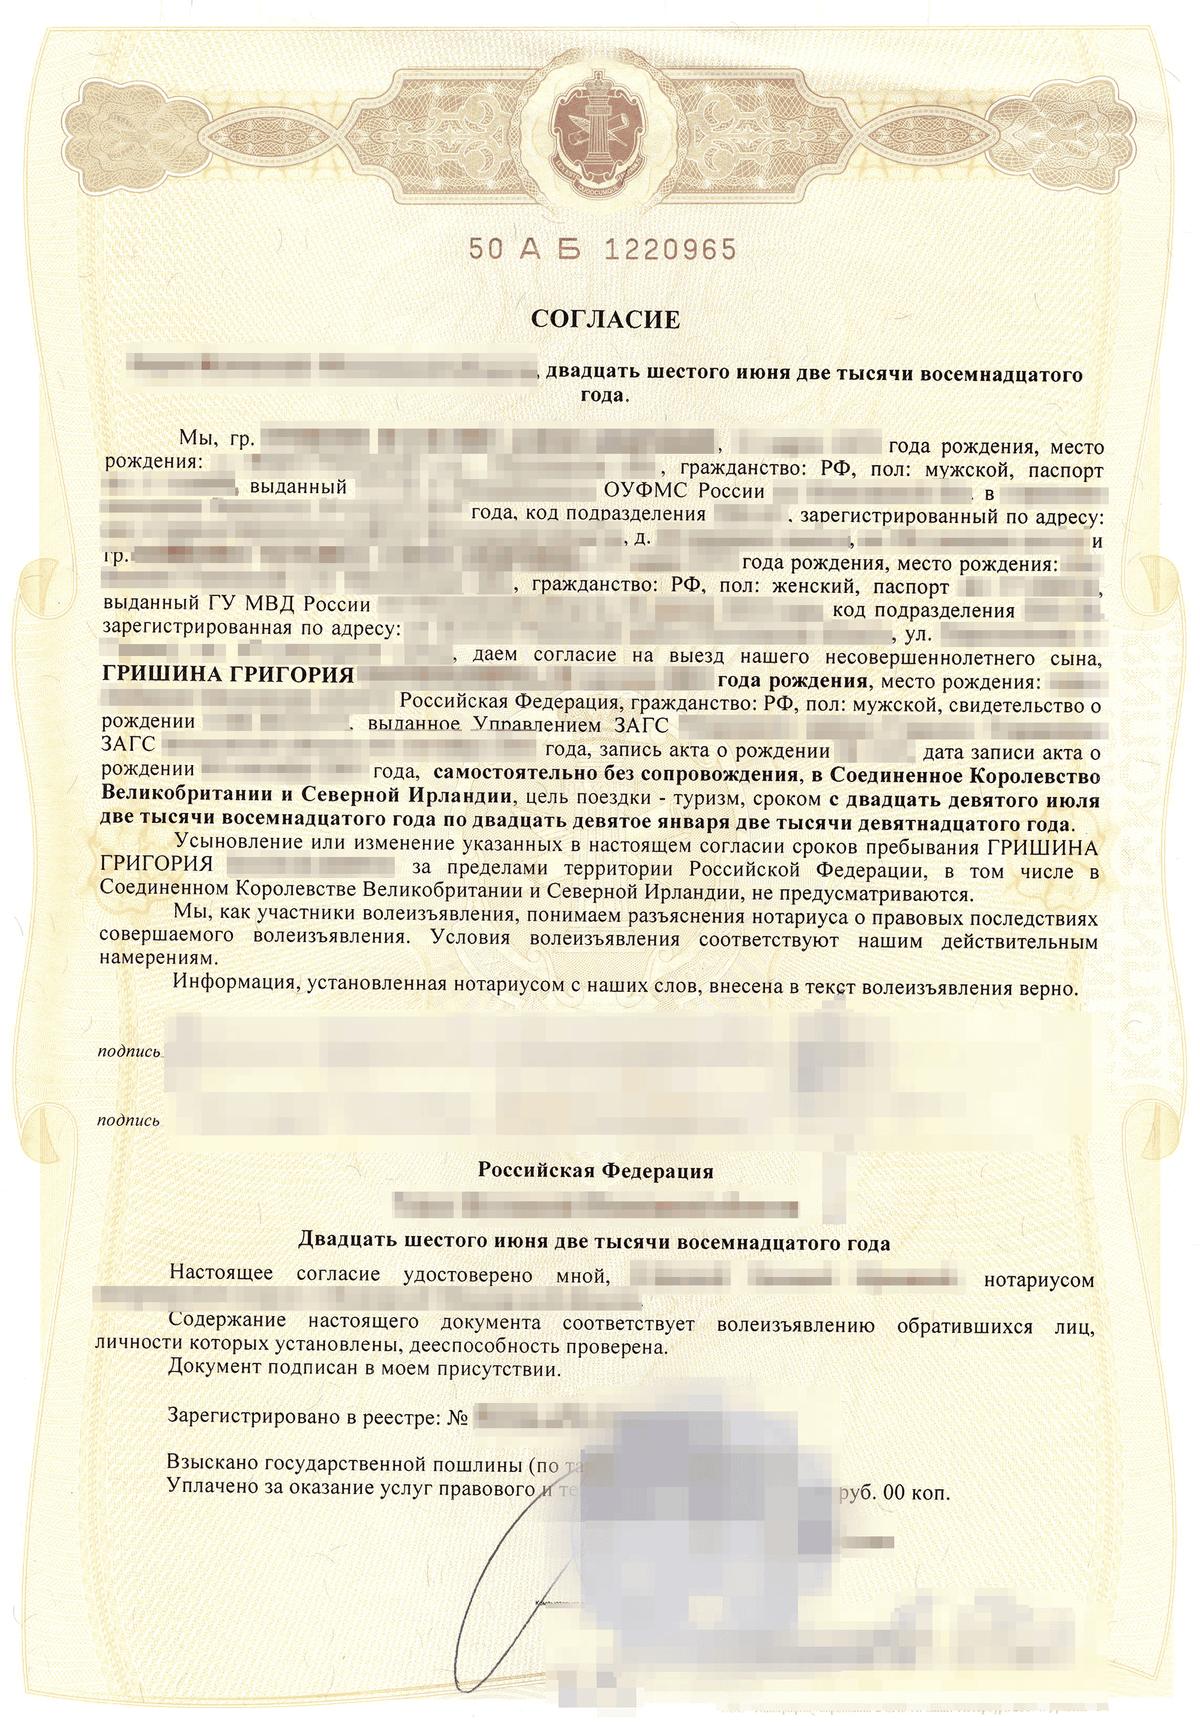 Согласие на выезд из страны, заверенное у нотариуса